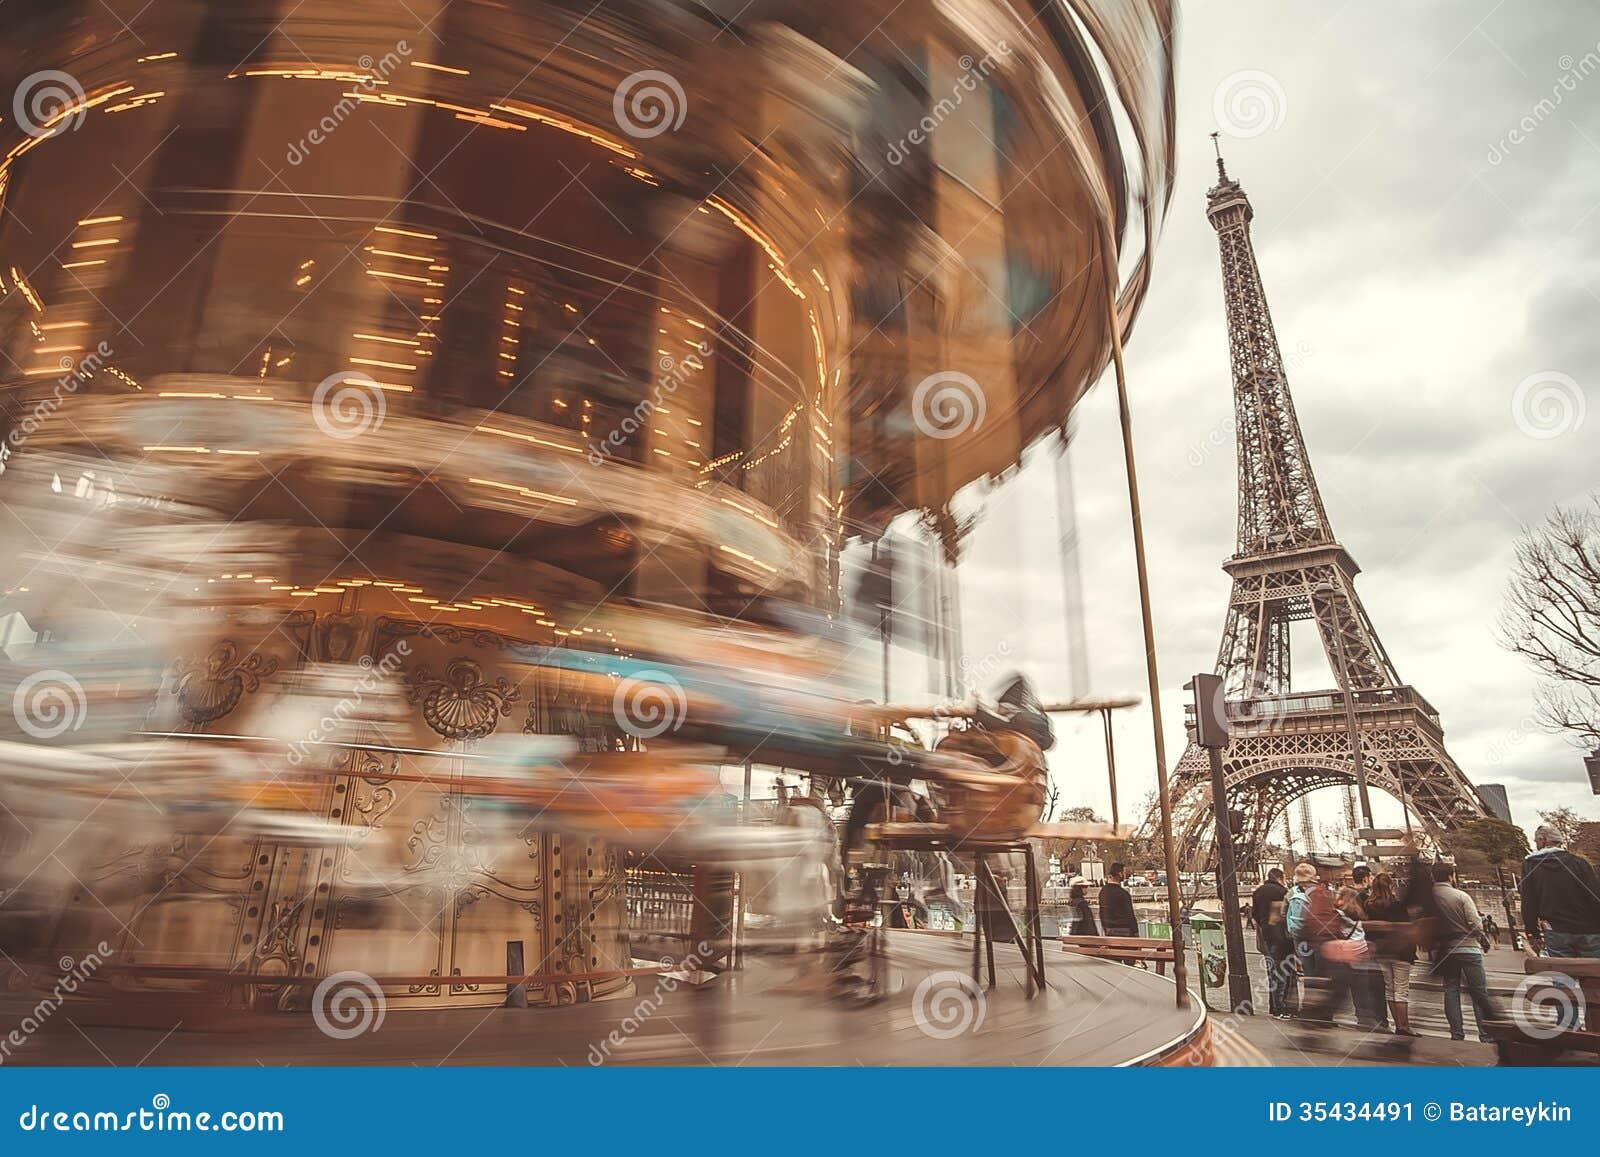 Vintage Carousel In Paris Stock Image - Image: 35434491